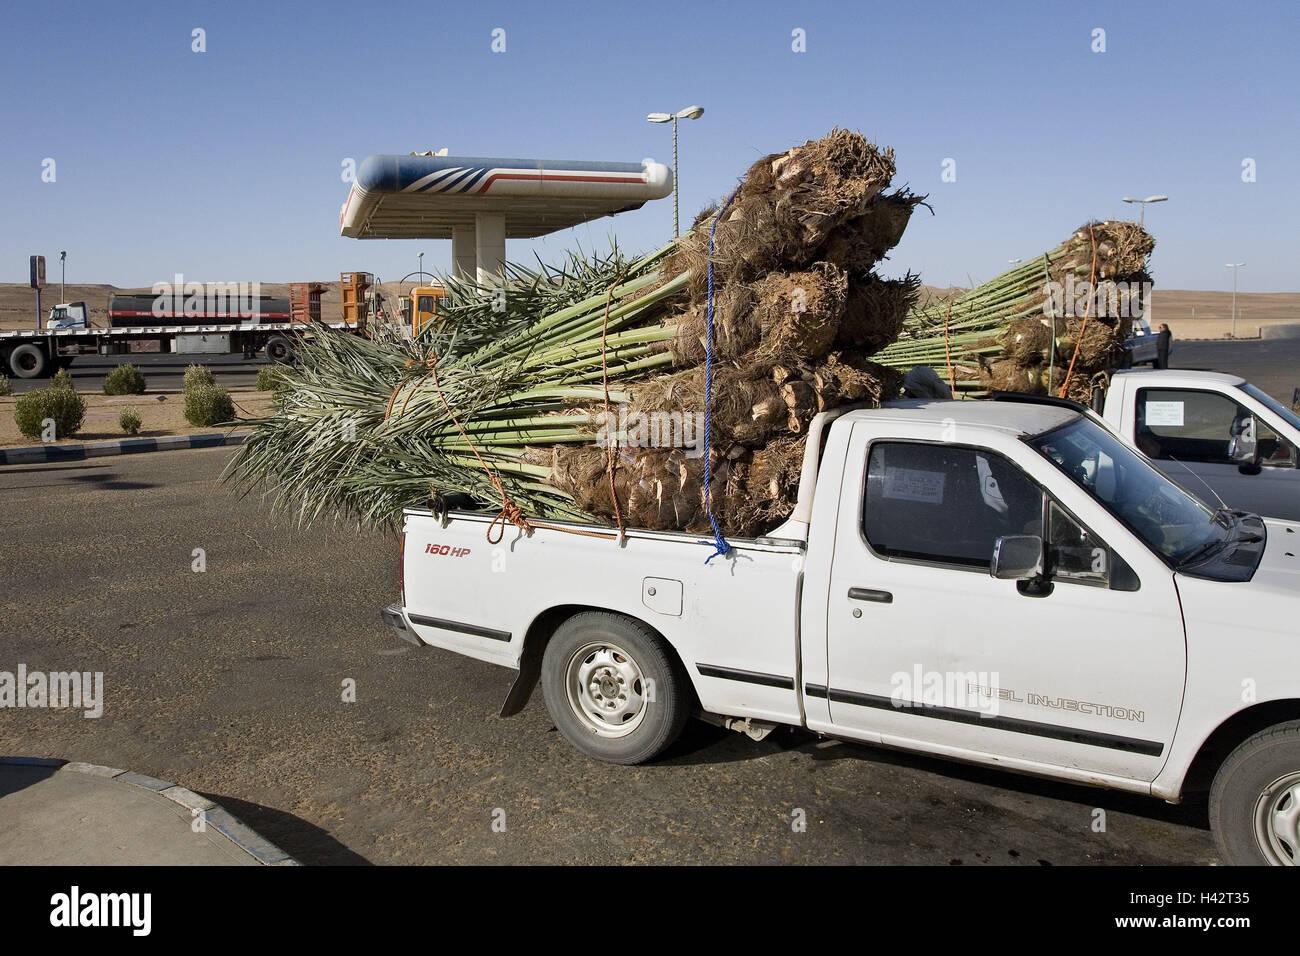 Saudi Arabia, province Tabuk, Pick-up's, loading areas, Palm-Setzlinge, - Stock Image